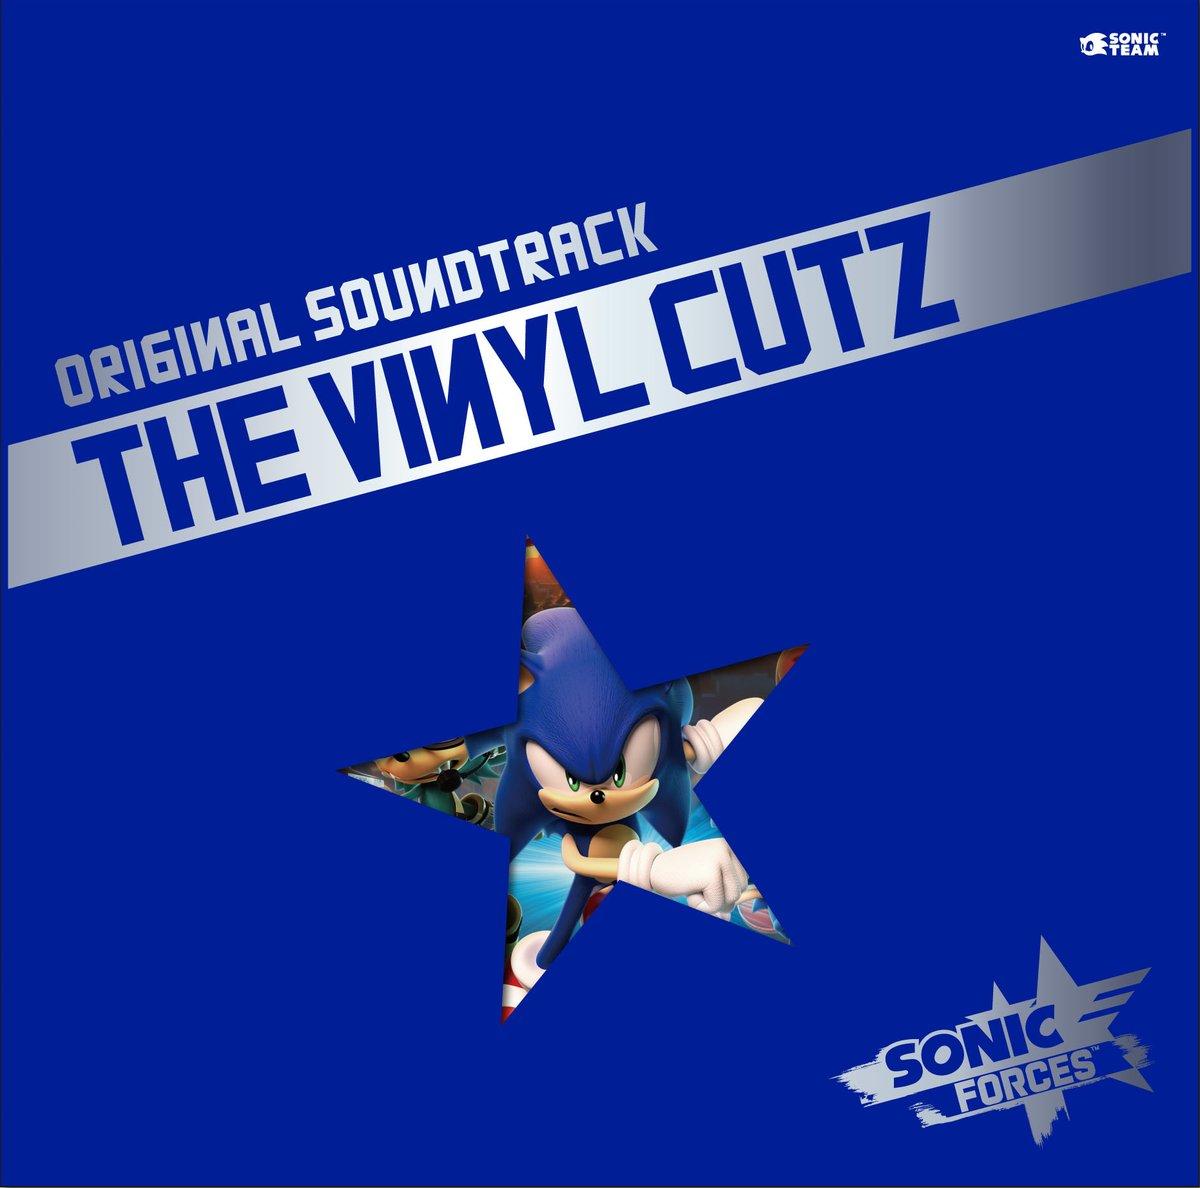 Sonic Forces Original Soundtrack The Vinyl Cutz